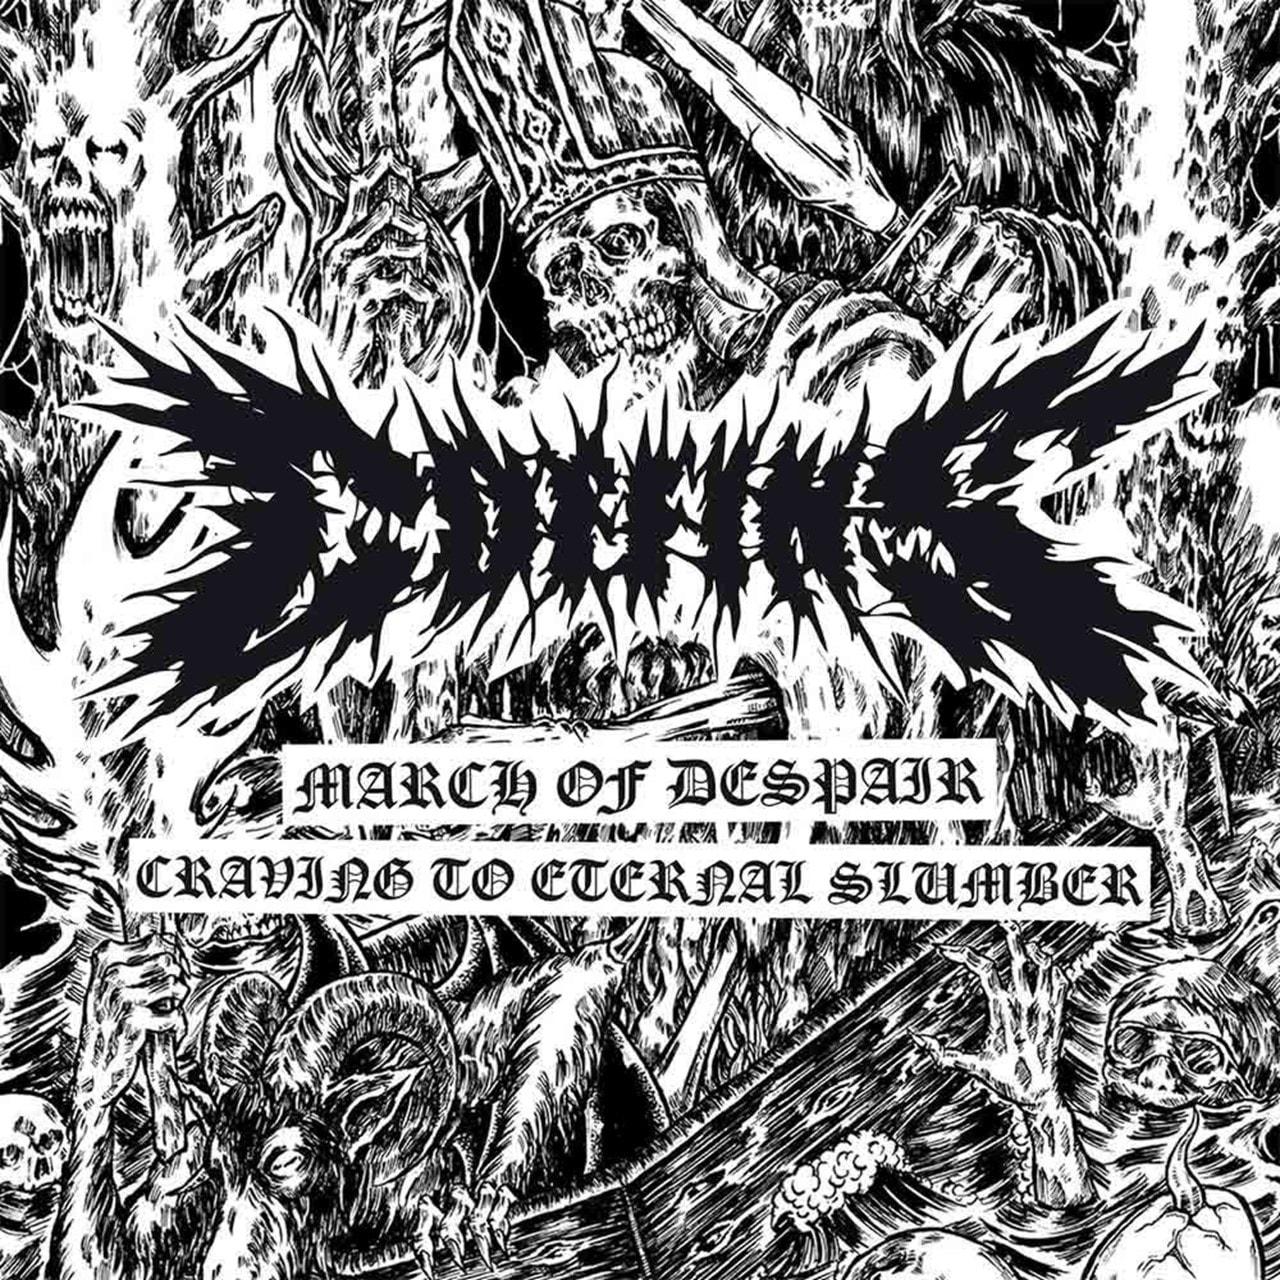 March of Despair/Craving to Eternal Slumber - 1